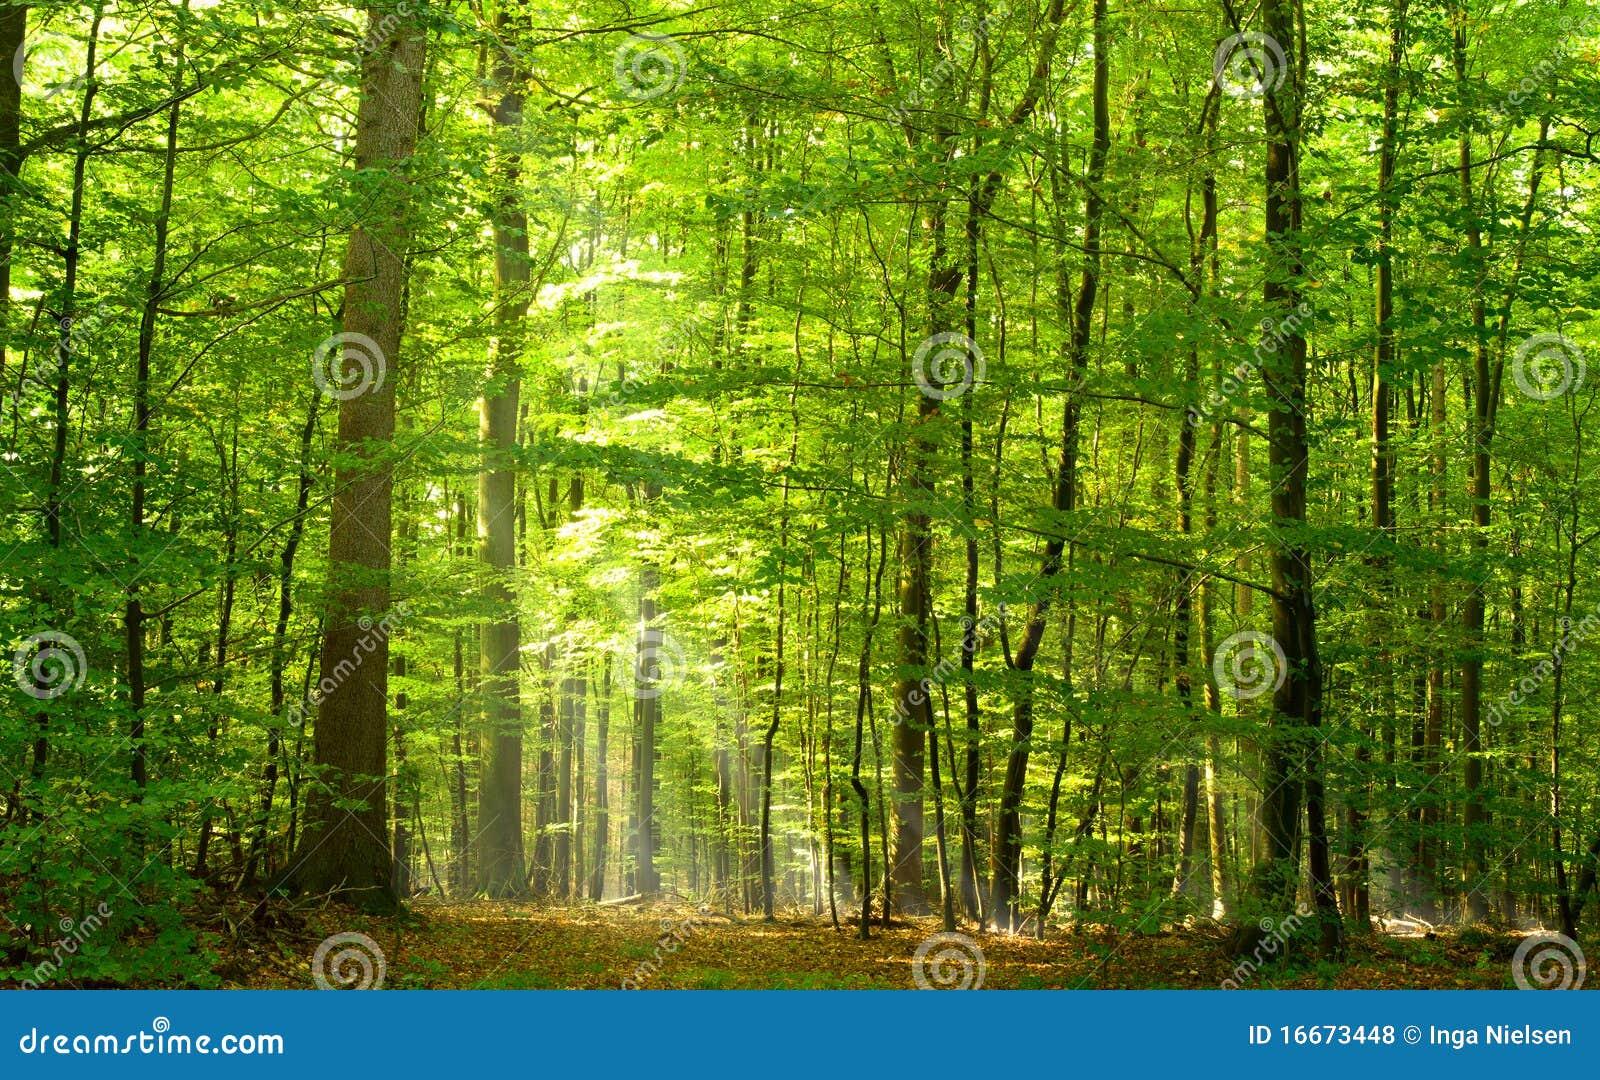 Forêt à feuilles caduques en été